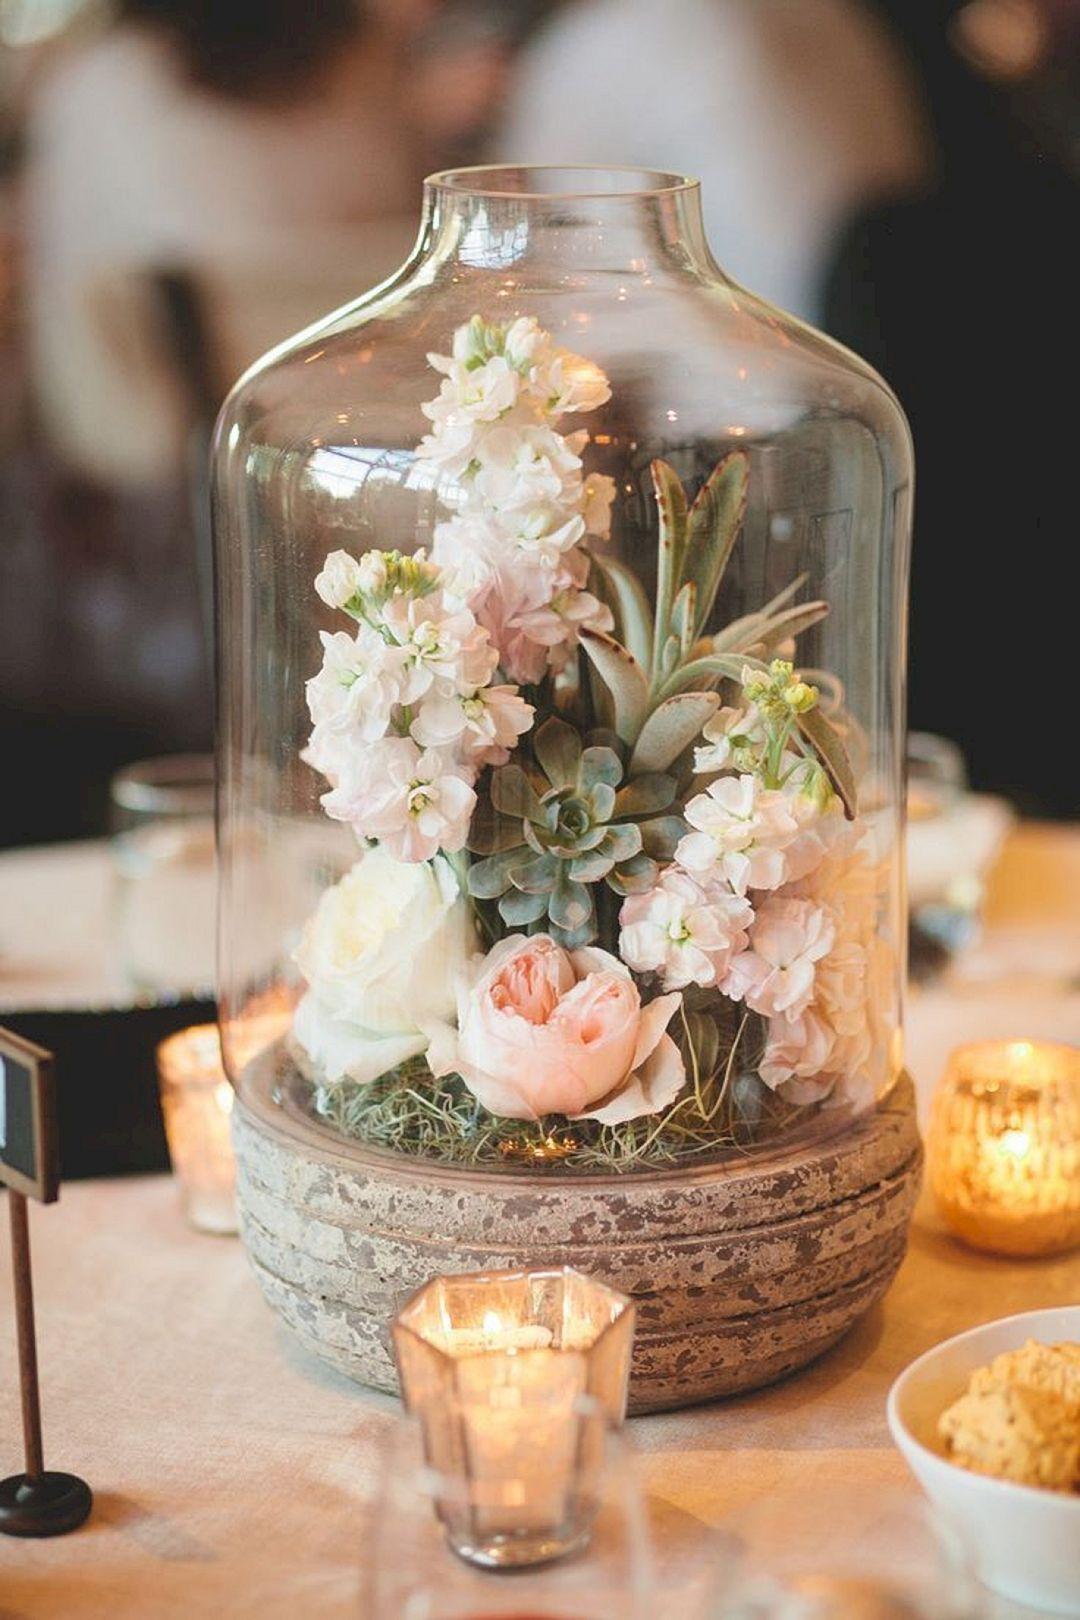 67 DIY Creative Rustic Chic Wedding Centerpieces Ideas